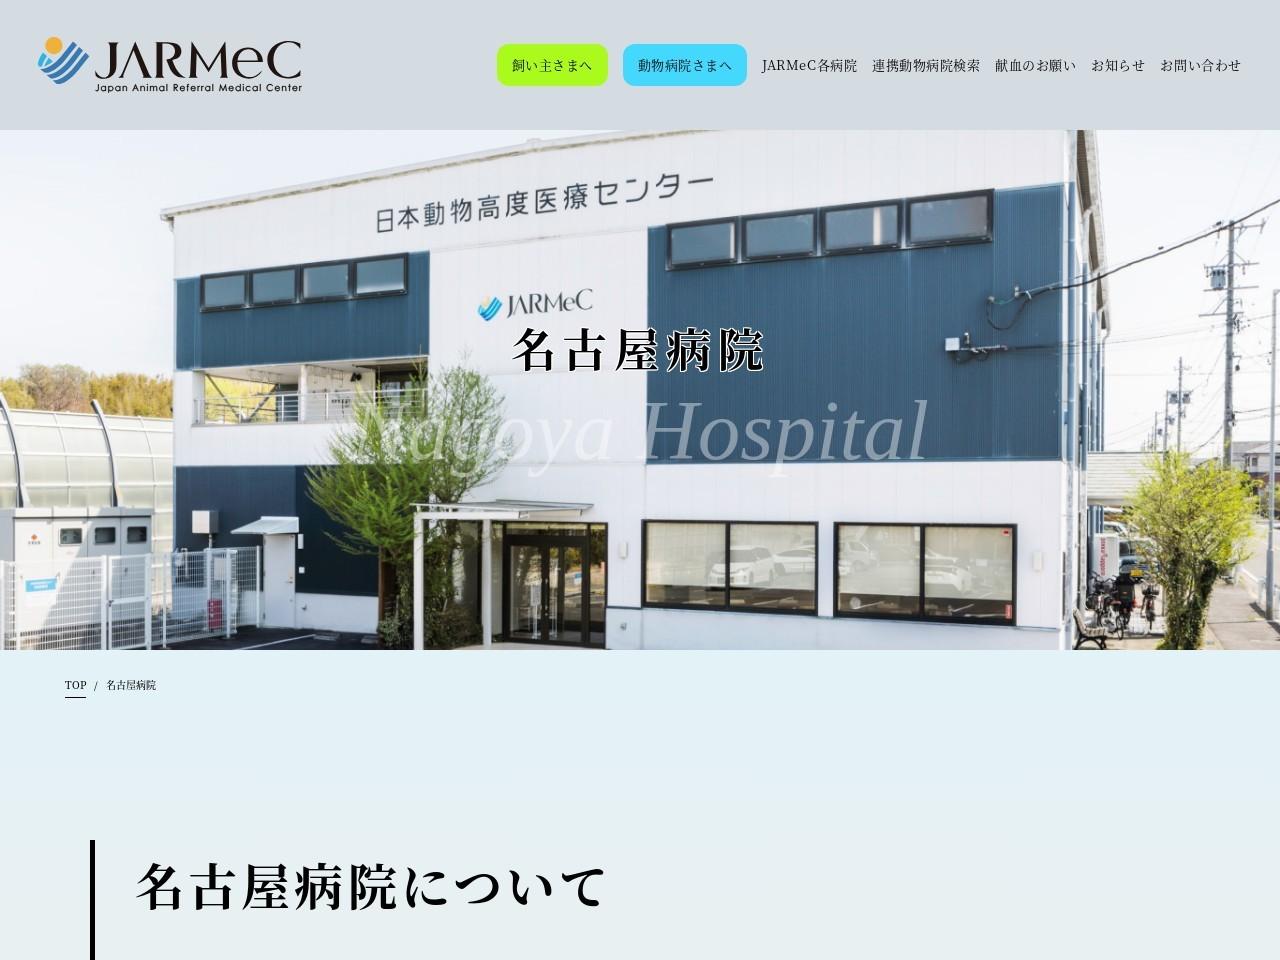 http://nagoya.jarmec.jp